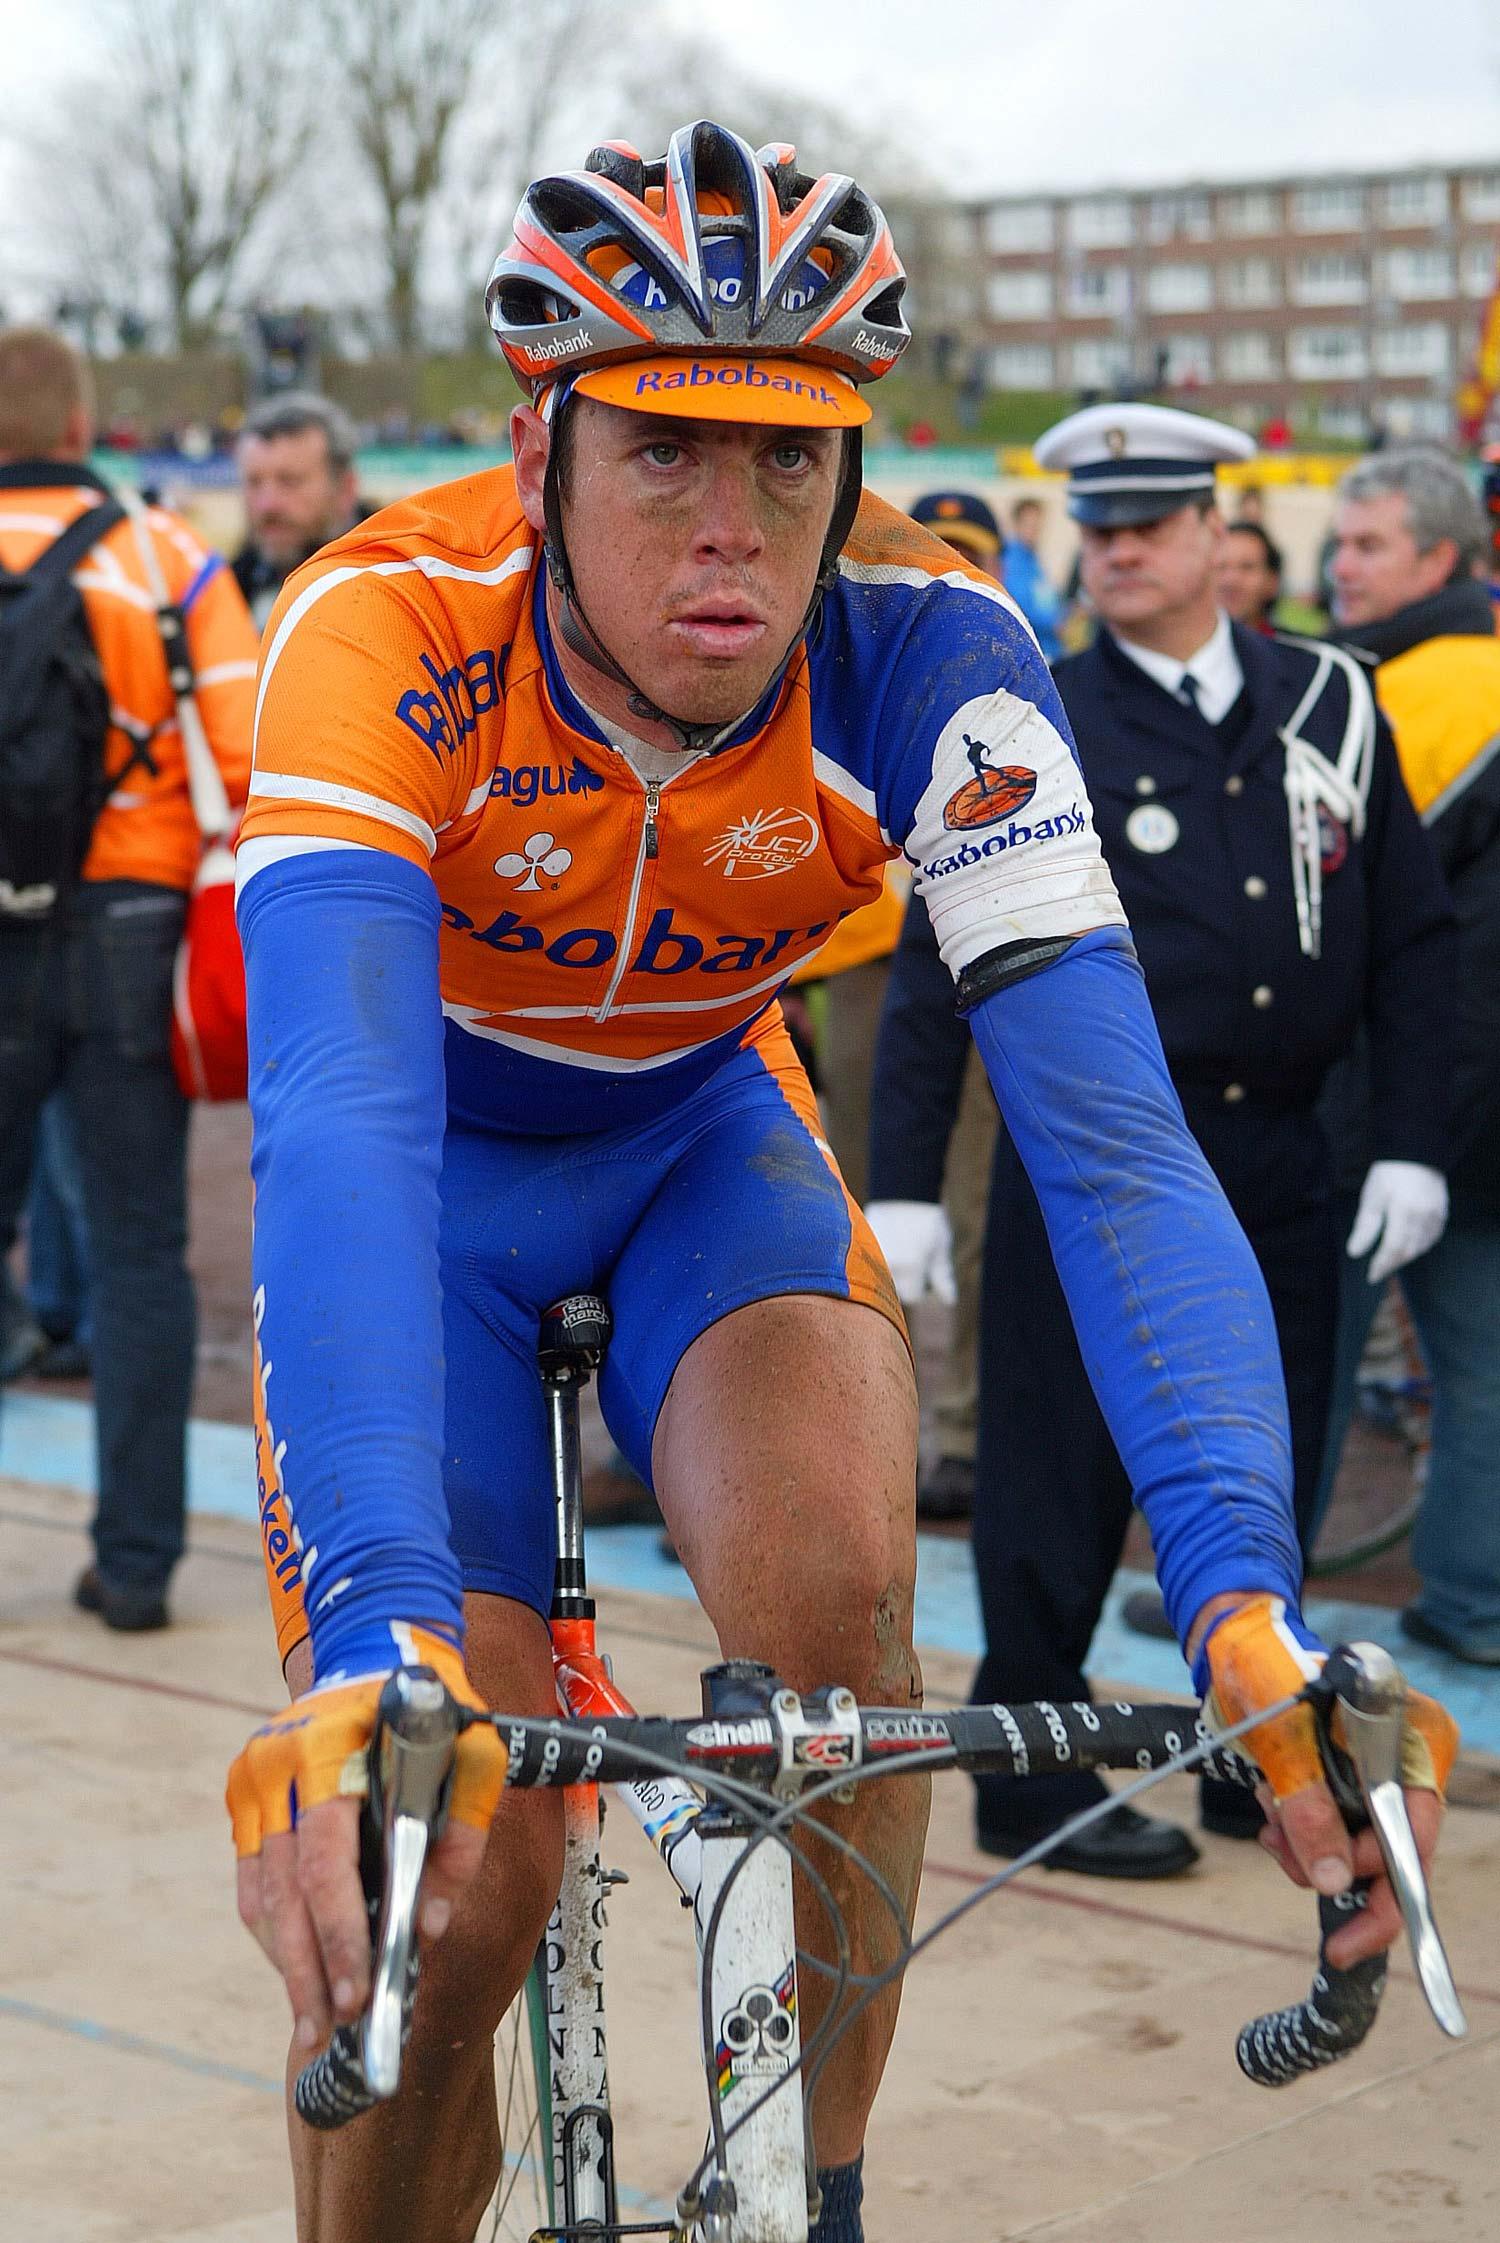 2005: 78th in Paris-Roubaix. Photo: Yuzuru Sunada